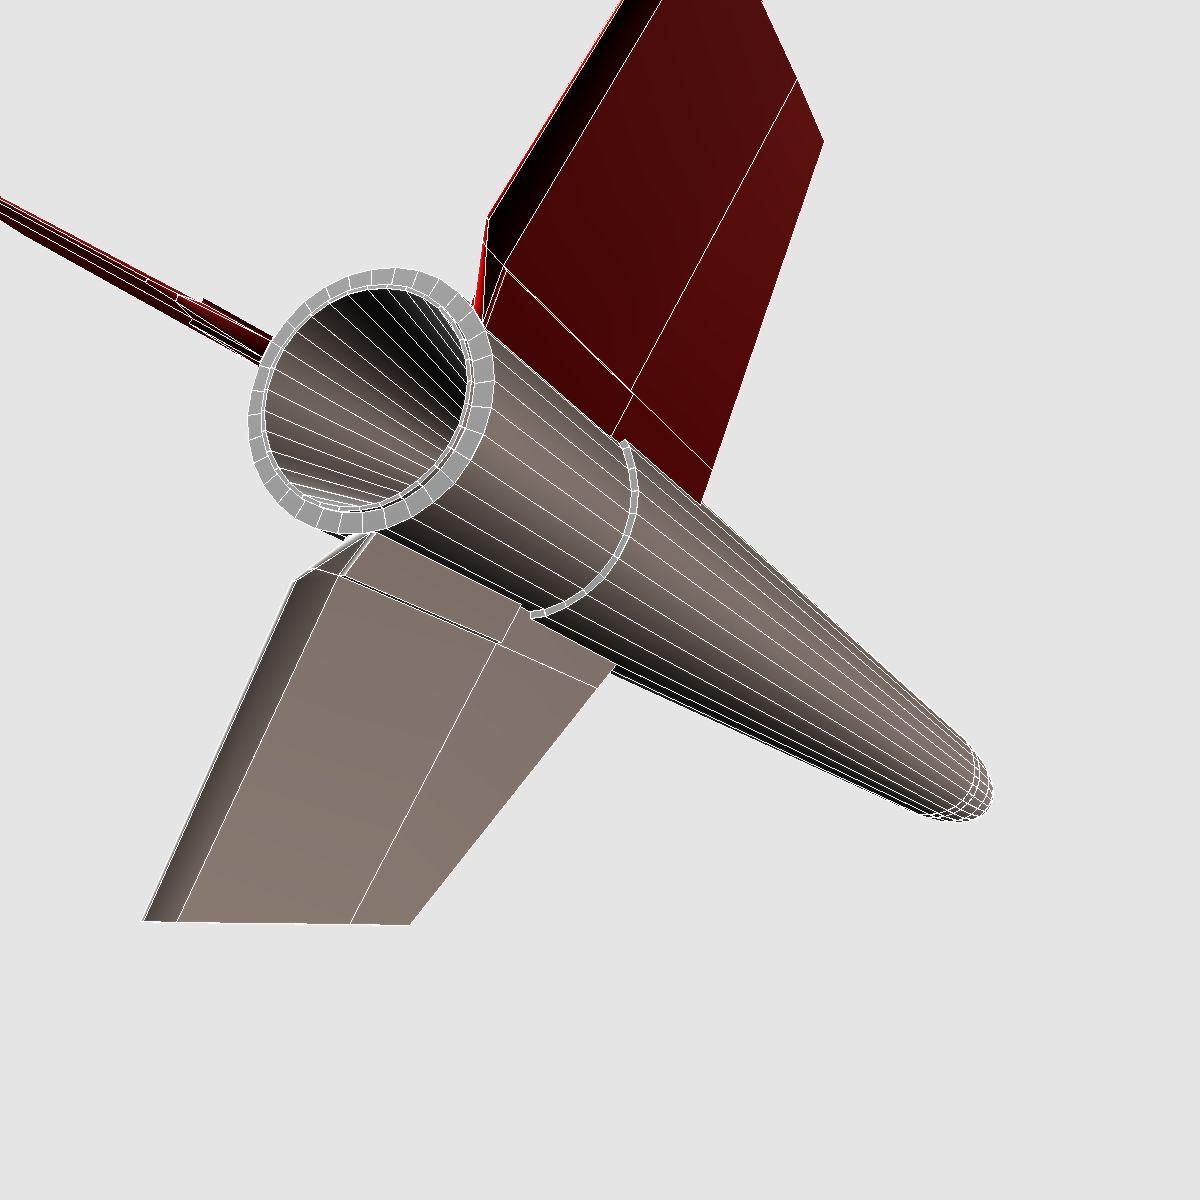 qara brant vb raketin səsləndirilməsi 3d model 3ds dxf cob x obj 150883